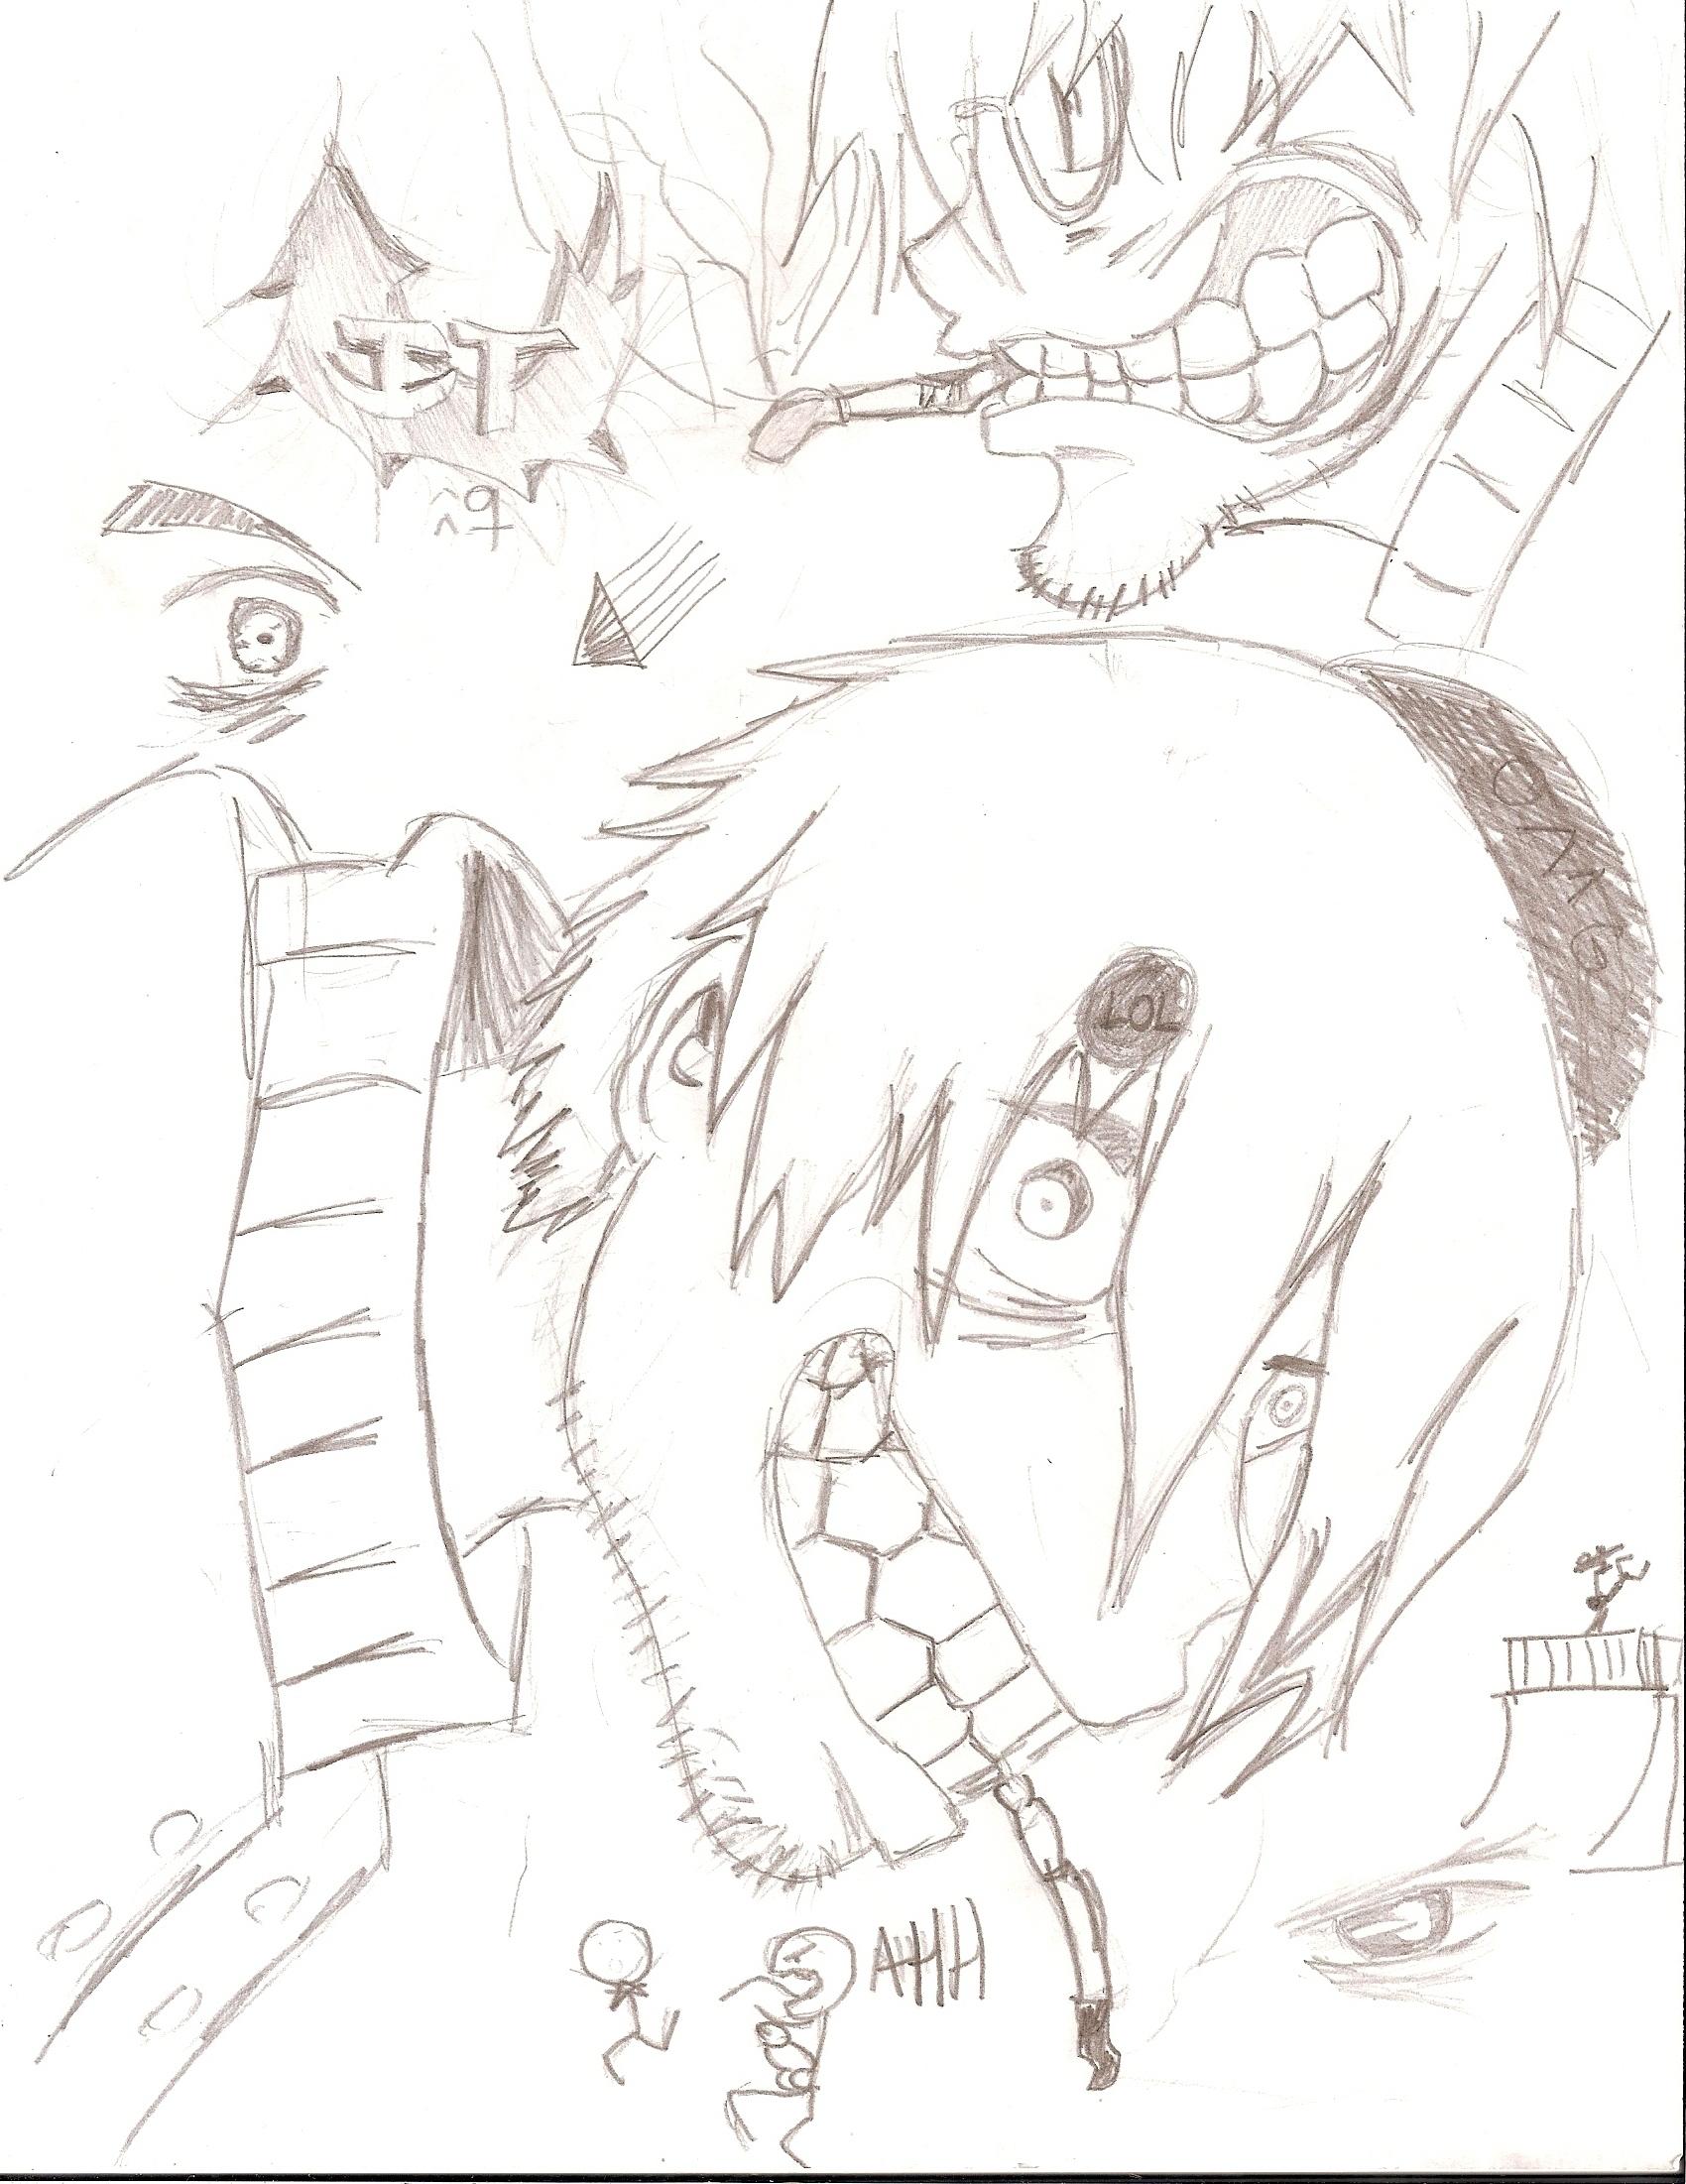 Professor Stein sketches